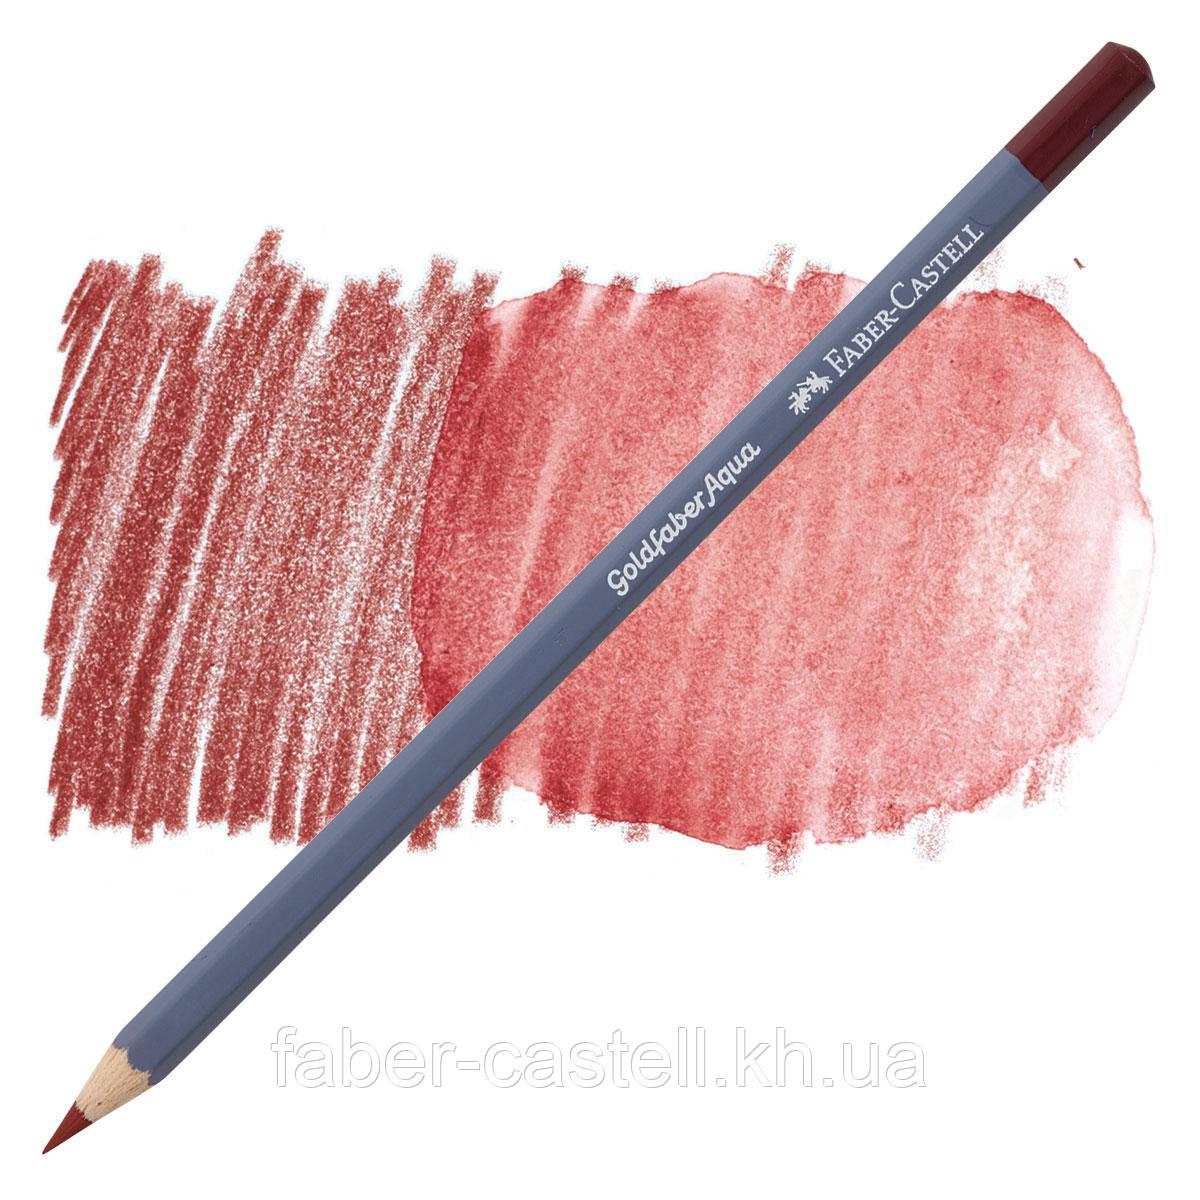 Карандаш акварельный Faber-Castell Goldfaber Aqua цвет индийский красный  № 192 ( Indian Red), 114692